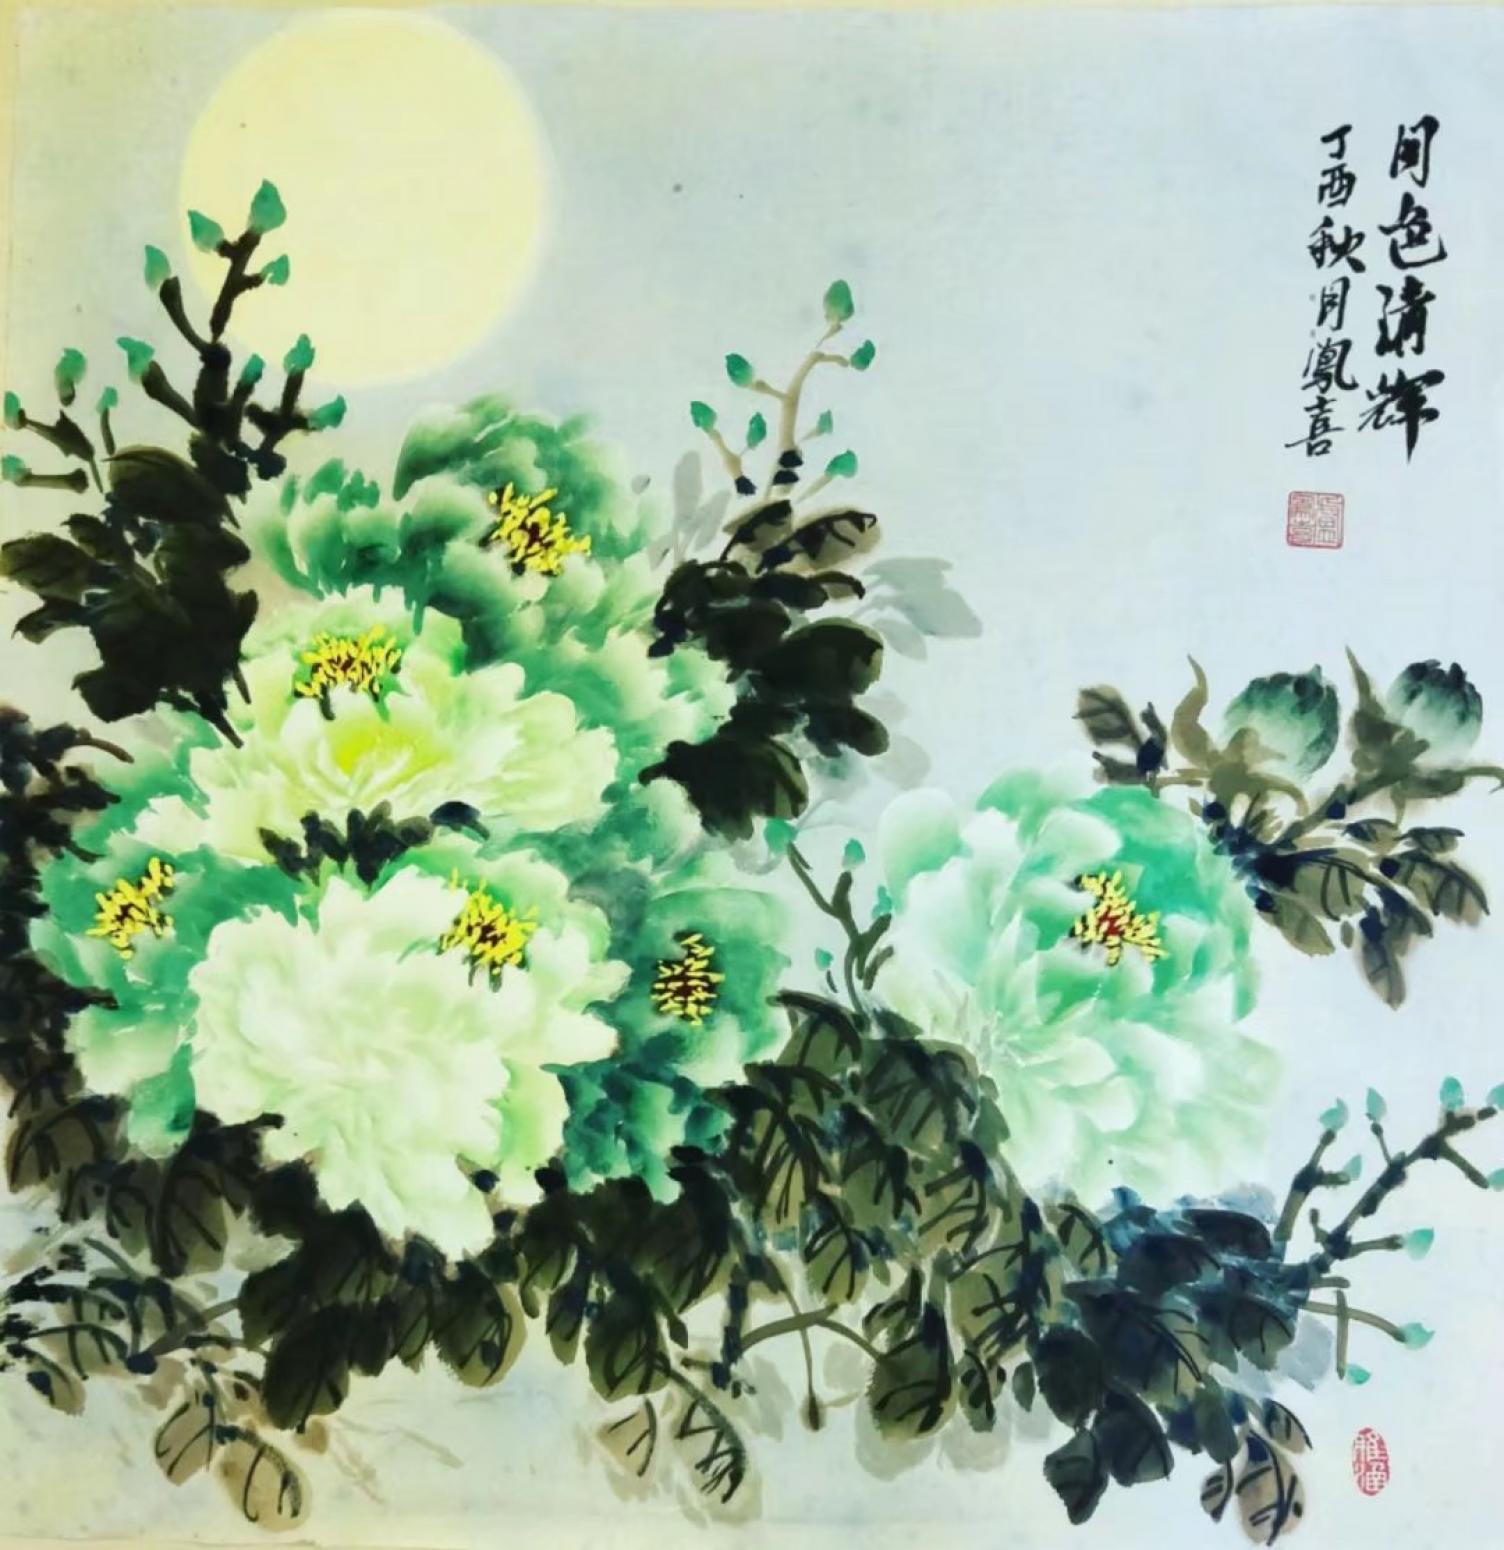 卢凤喜国画作品《花开富贵》